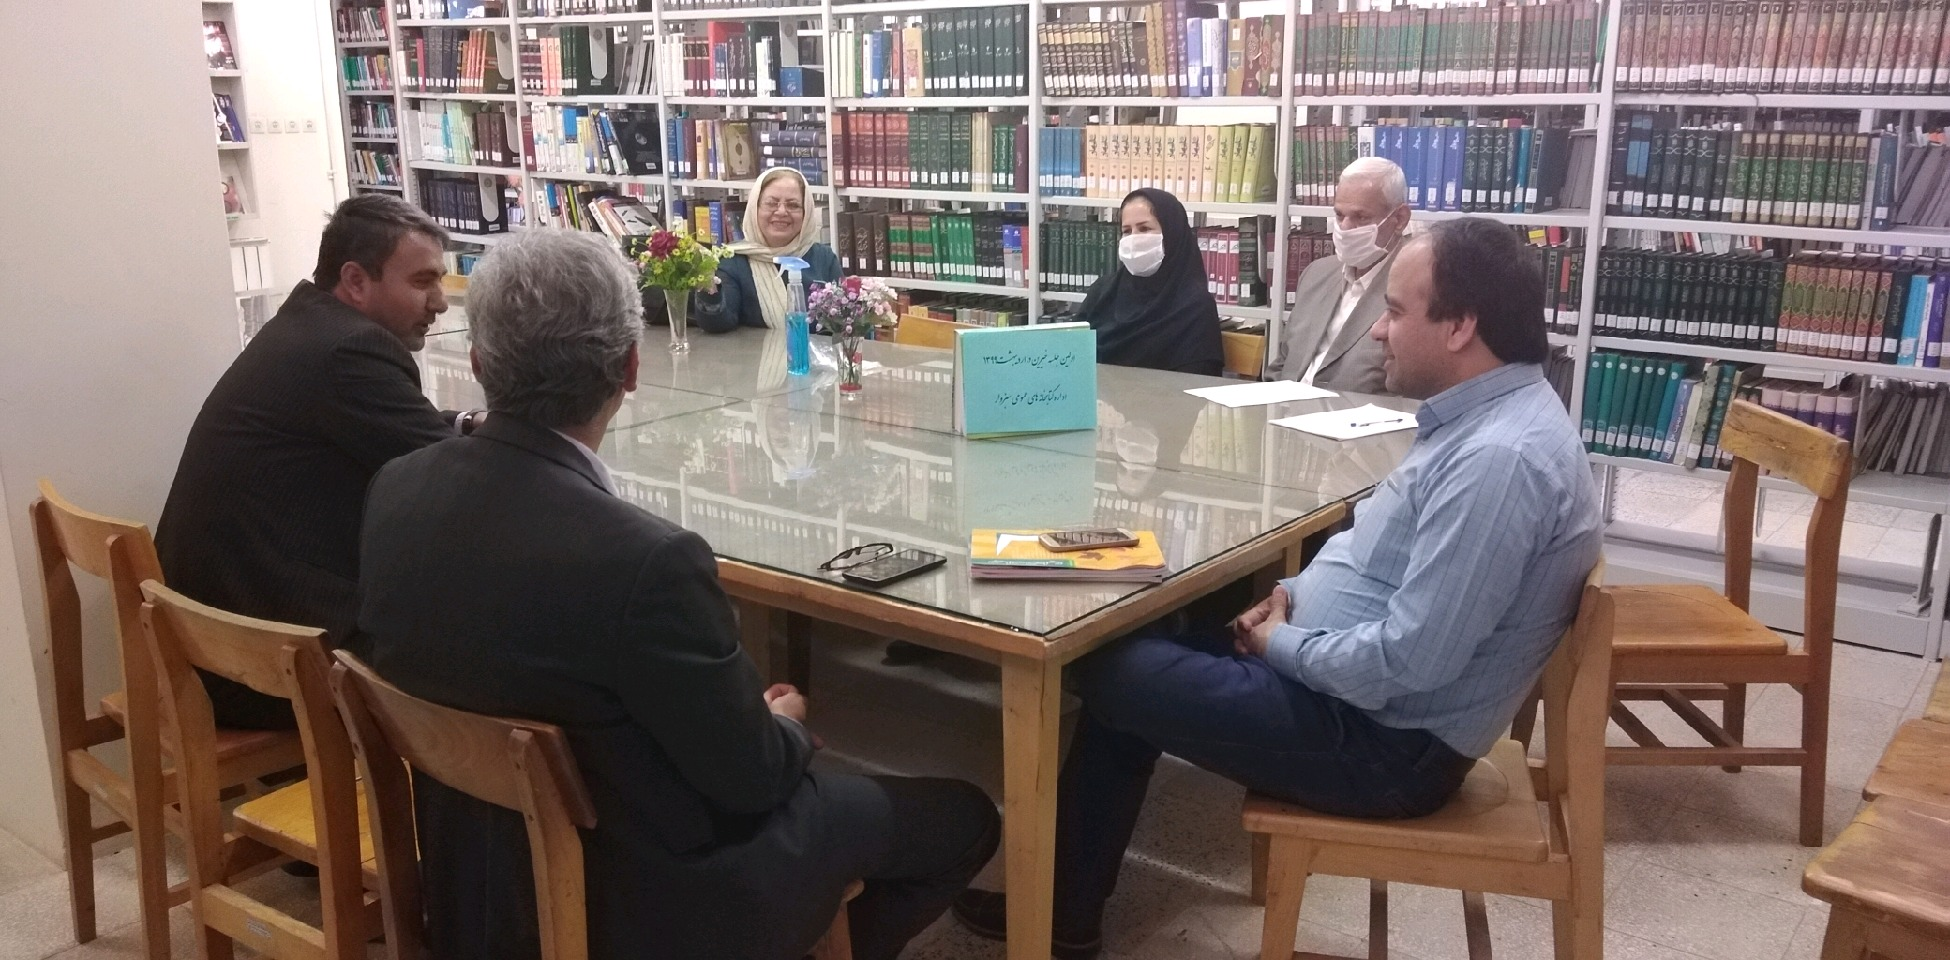 اولین جلسه انجمن خیرین کتاب و کتابخانه ساز در سال جدید با حضور خیرین در اداره کتابخانه های عمومی سبزوار برگزار شد.